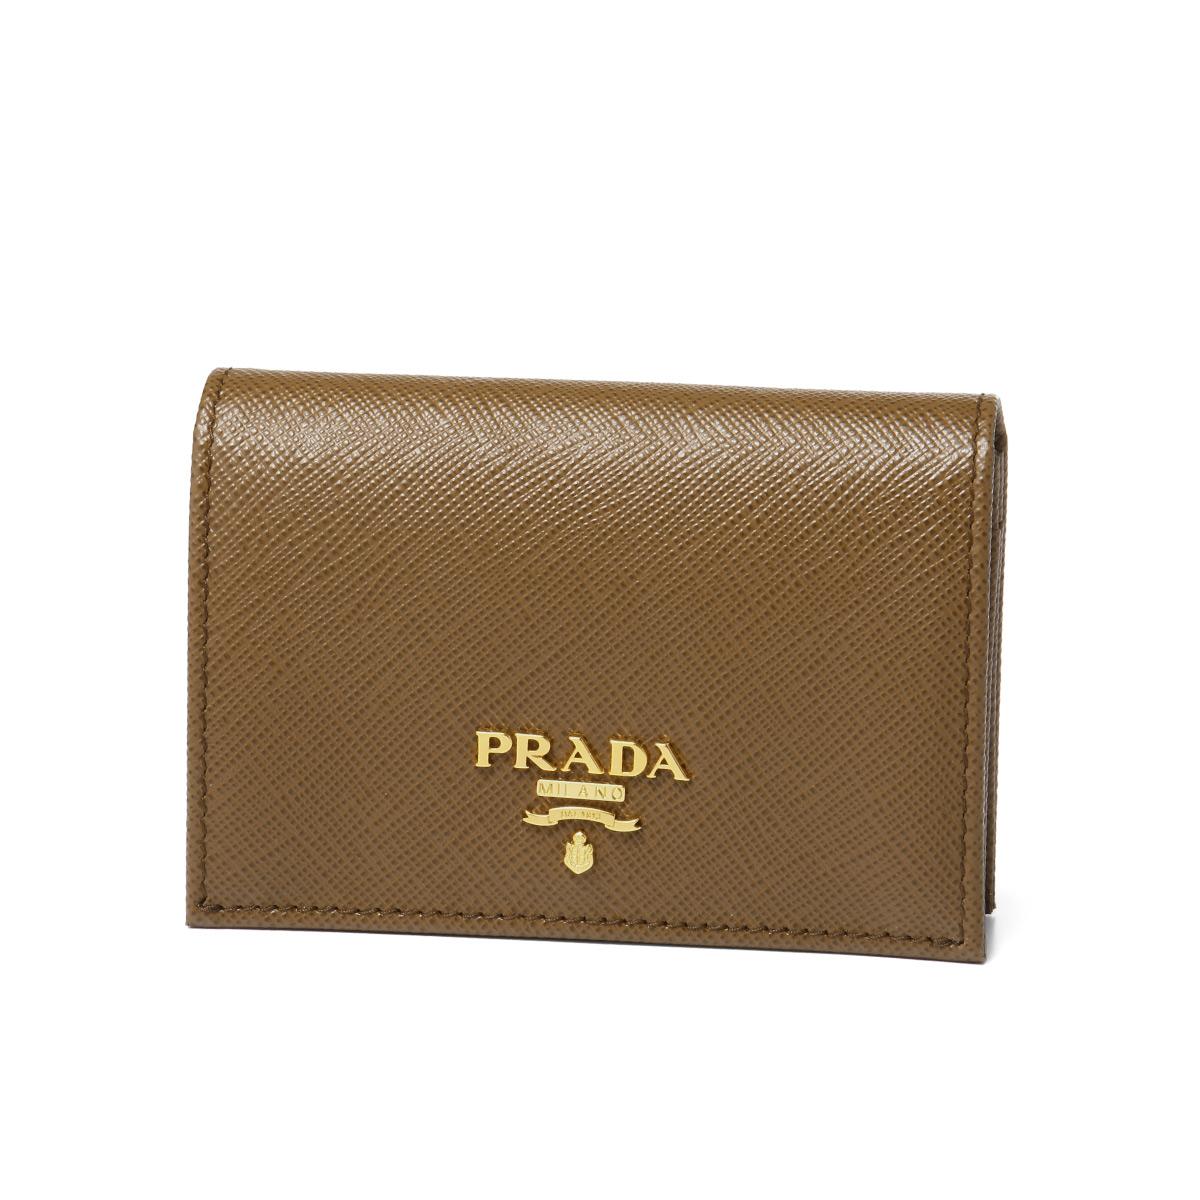 プラダ PRADA カードケース レディース 1MC945 QWA F0401 SAFFIANO METAL CANNELLA ブラウン